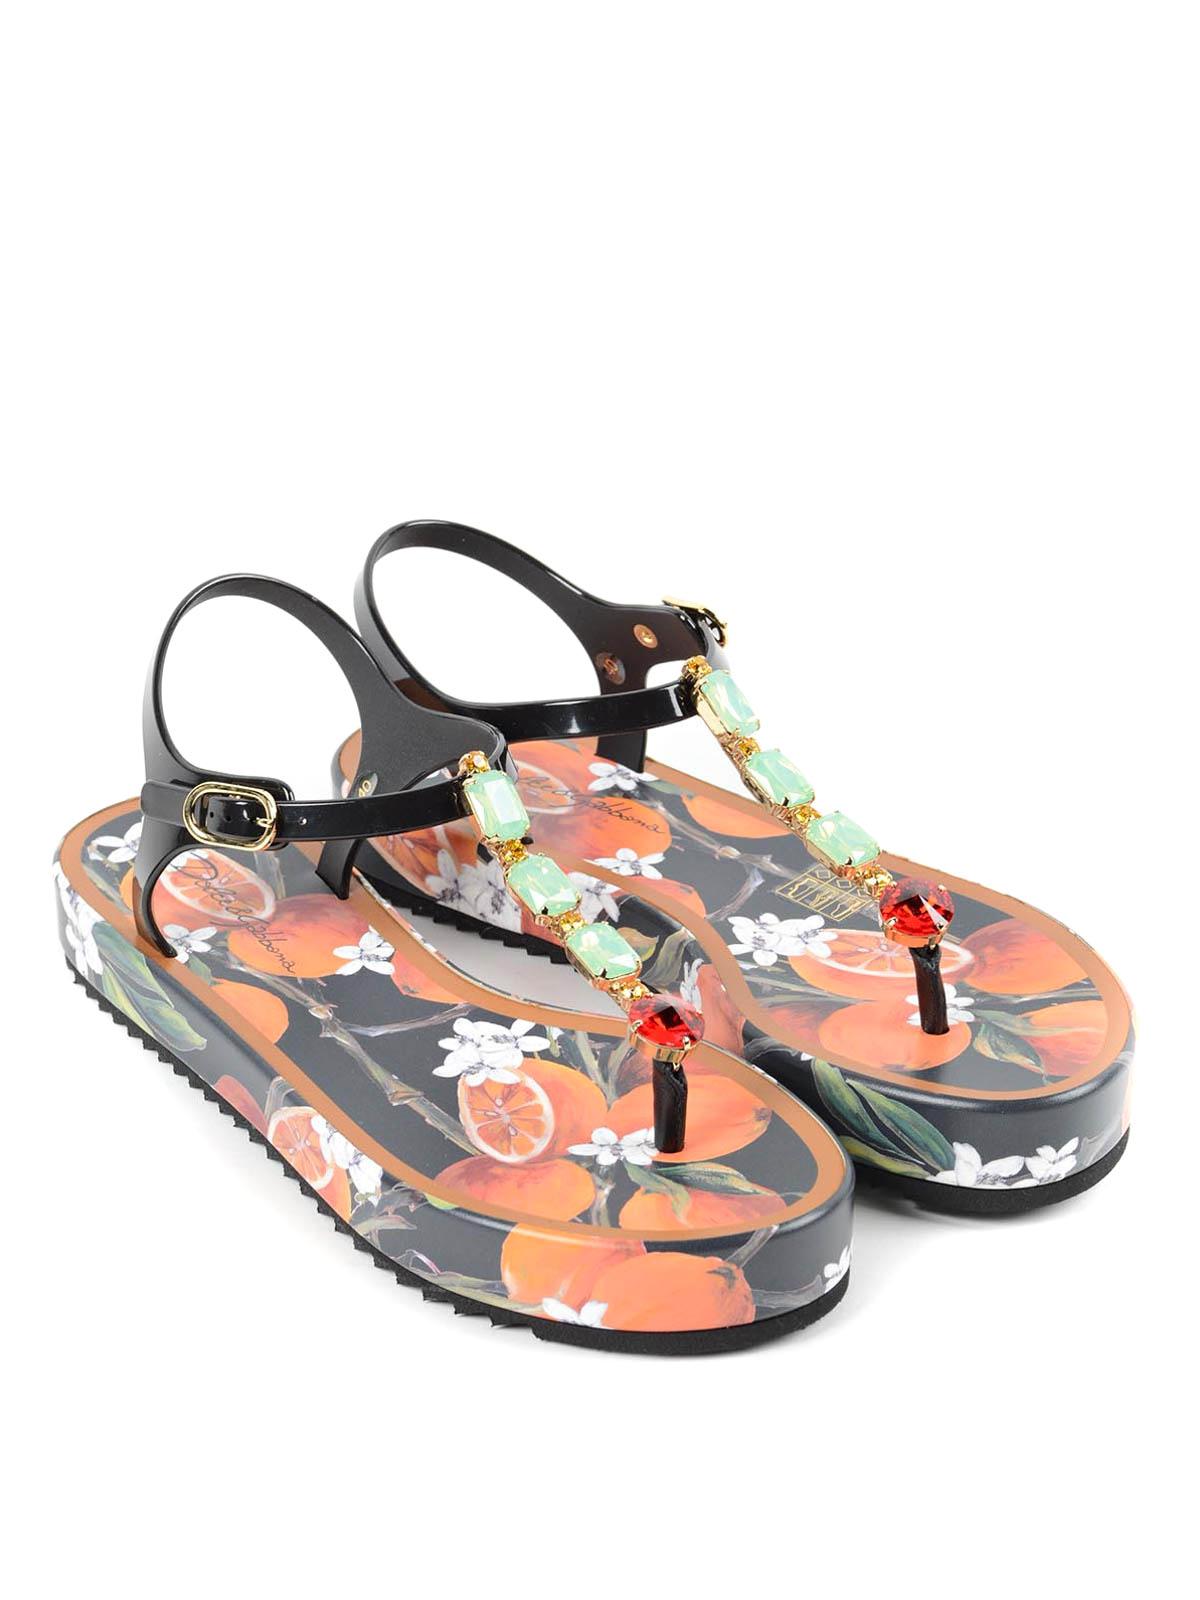 a25e699543f Dolce   Gabbana - Beachwear sandals - flip flops - CW0035 A4374 80999